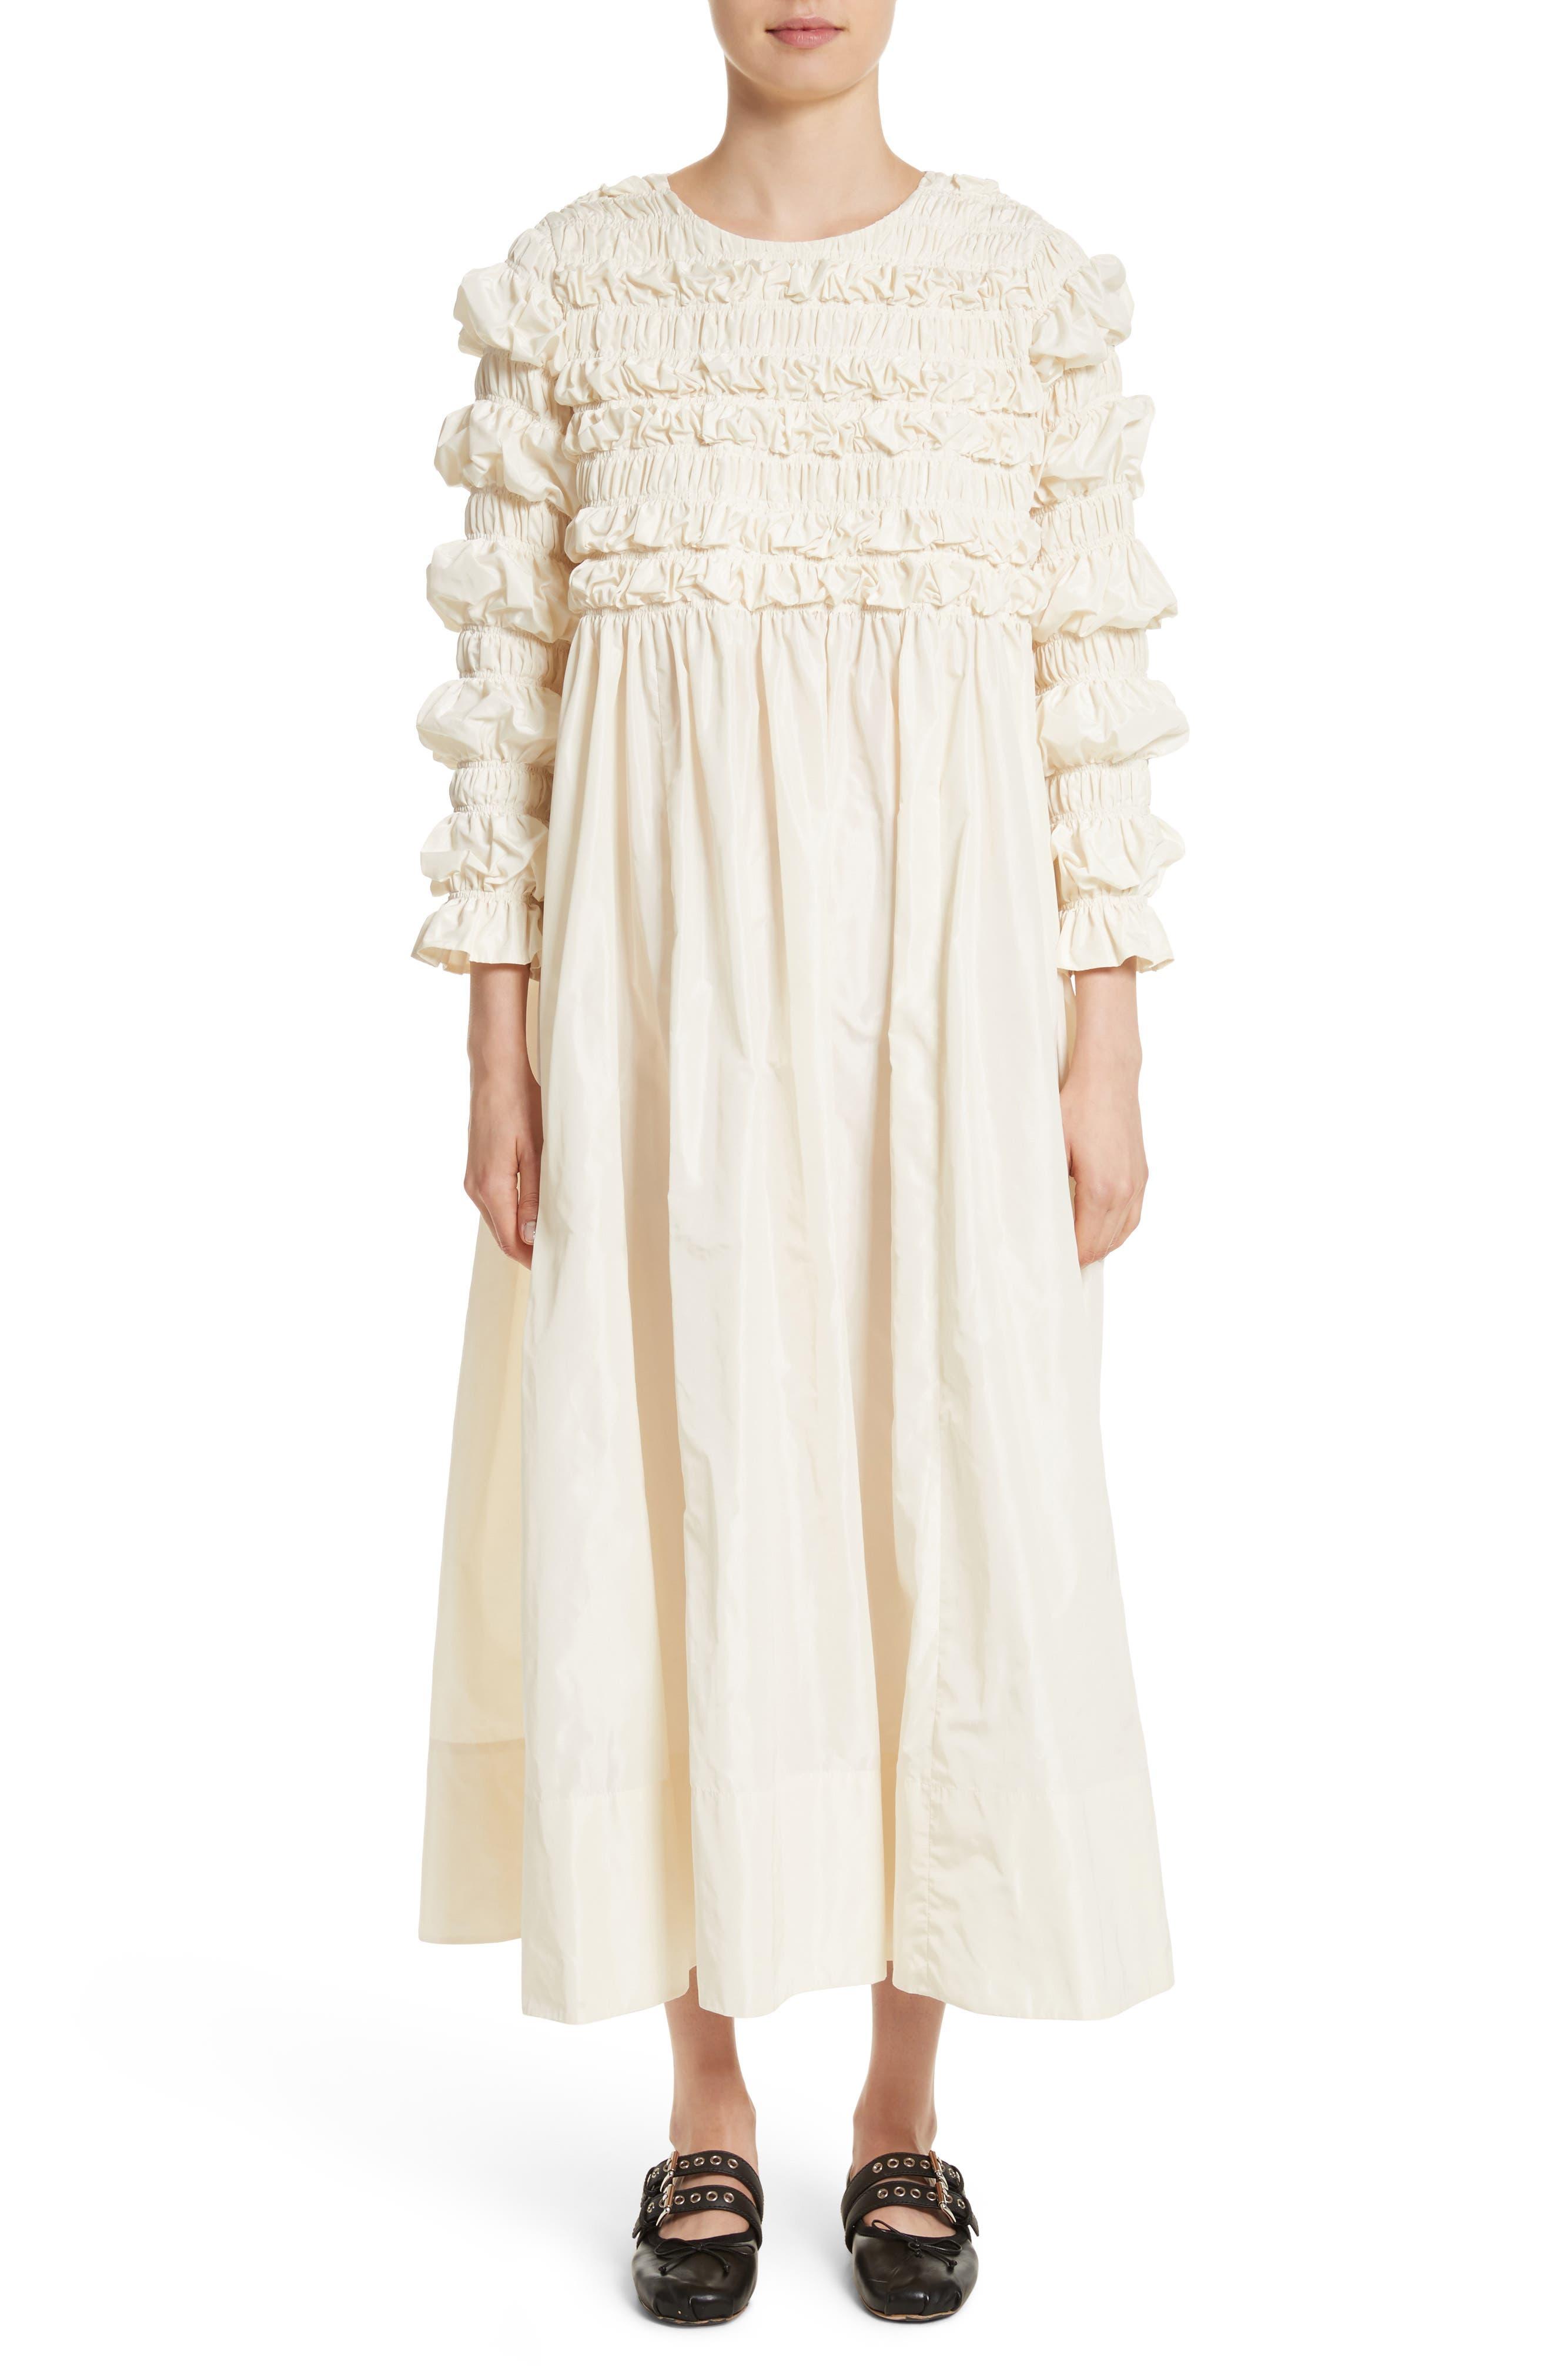 Lizzie Ruffled Taffeta Dress,                             Main thumbnail 1, color,                             900